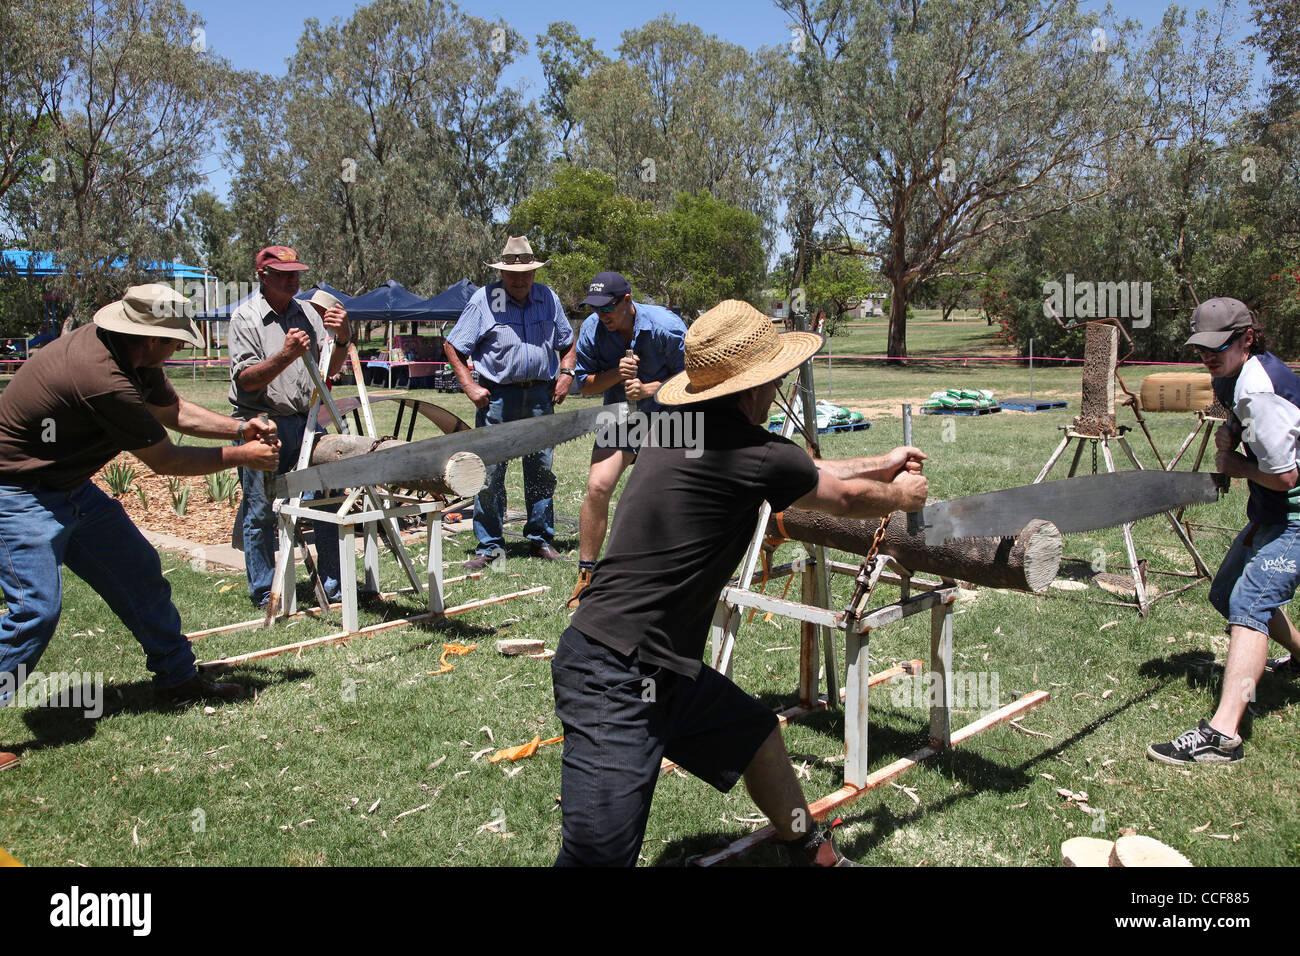 Stockman's Challenge, cross saw event, Cunnamulla Fella Festival, Cunnamulla, Queensland, Australia - Stock Image